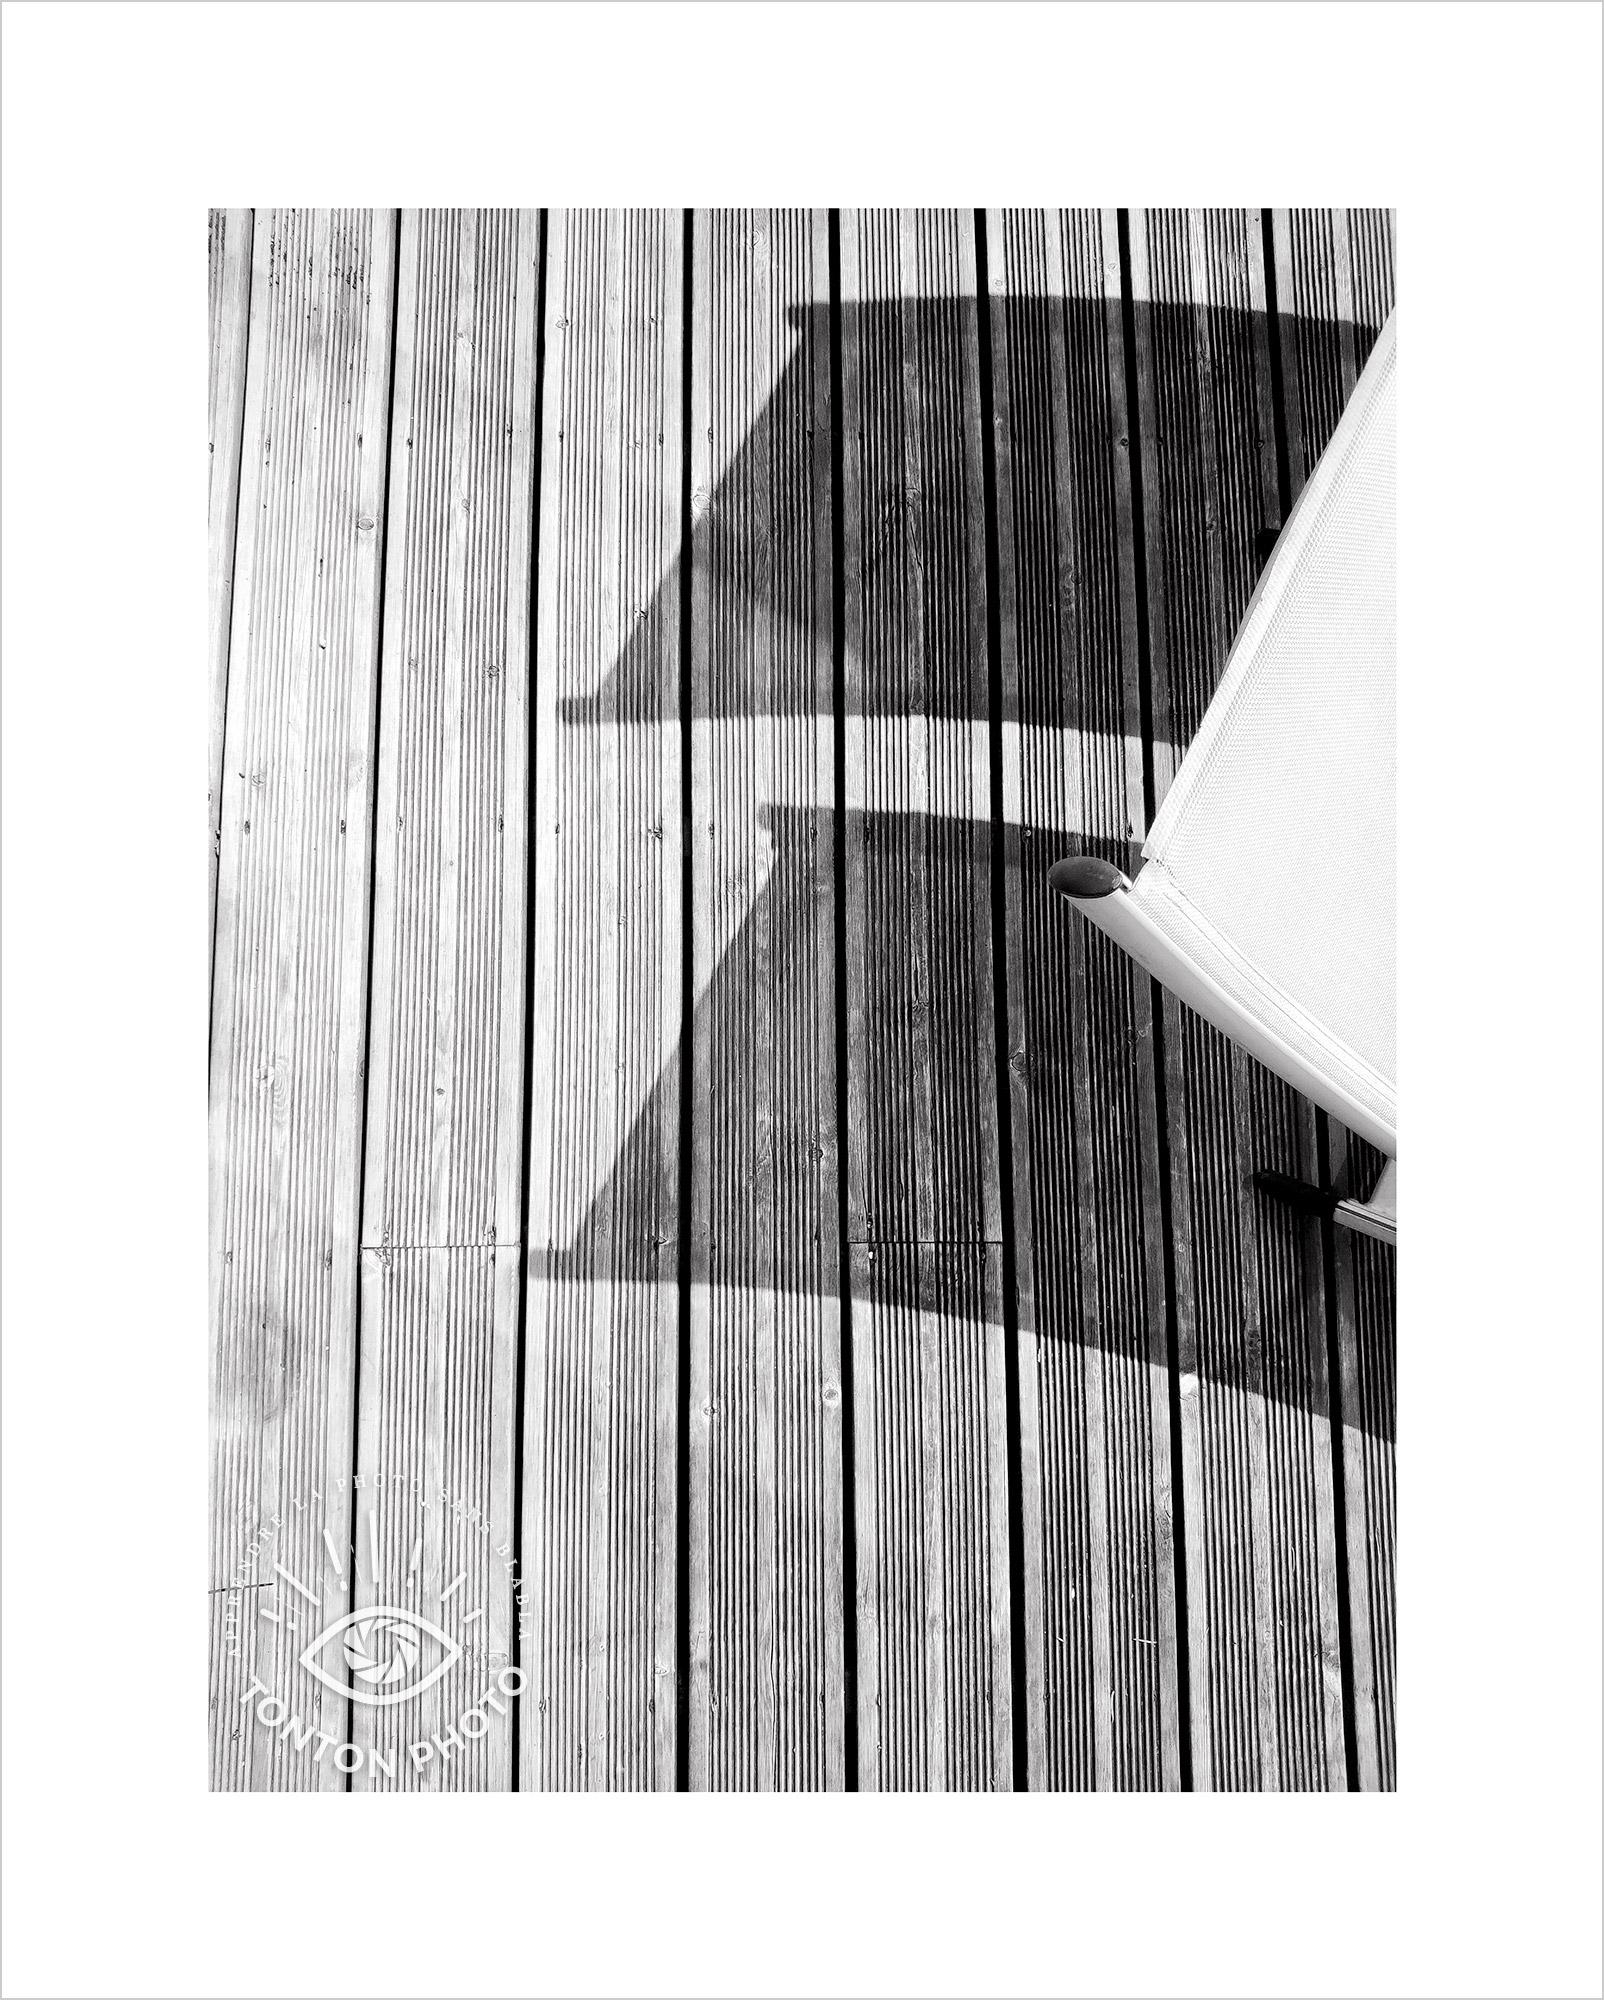 Jeu d'ombre et de lumière sur transats en terrasse. Photo prise au smartphone Xiaomi Mi Mix 3 © Tonton Photo